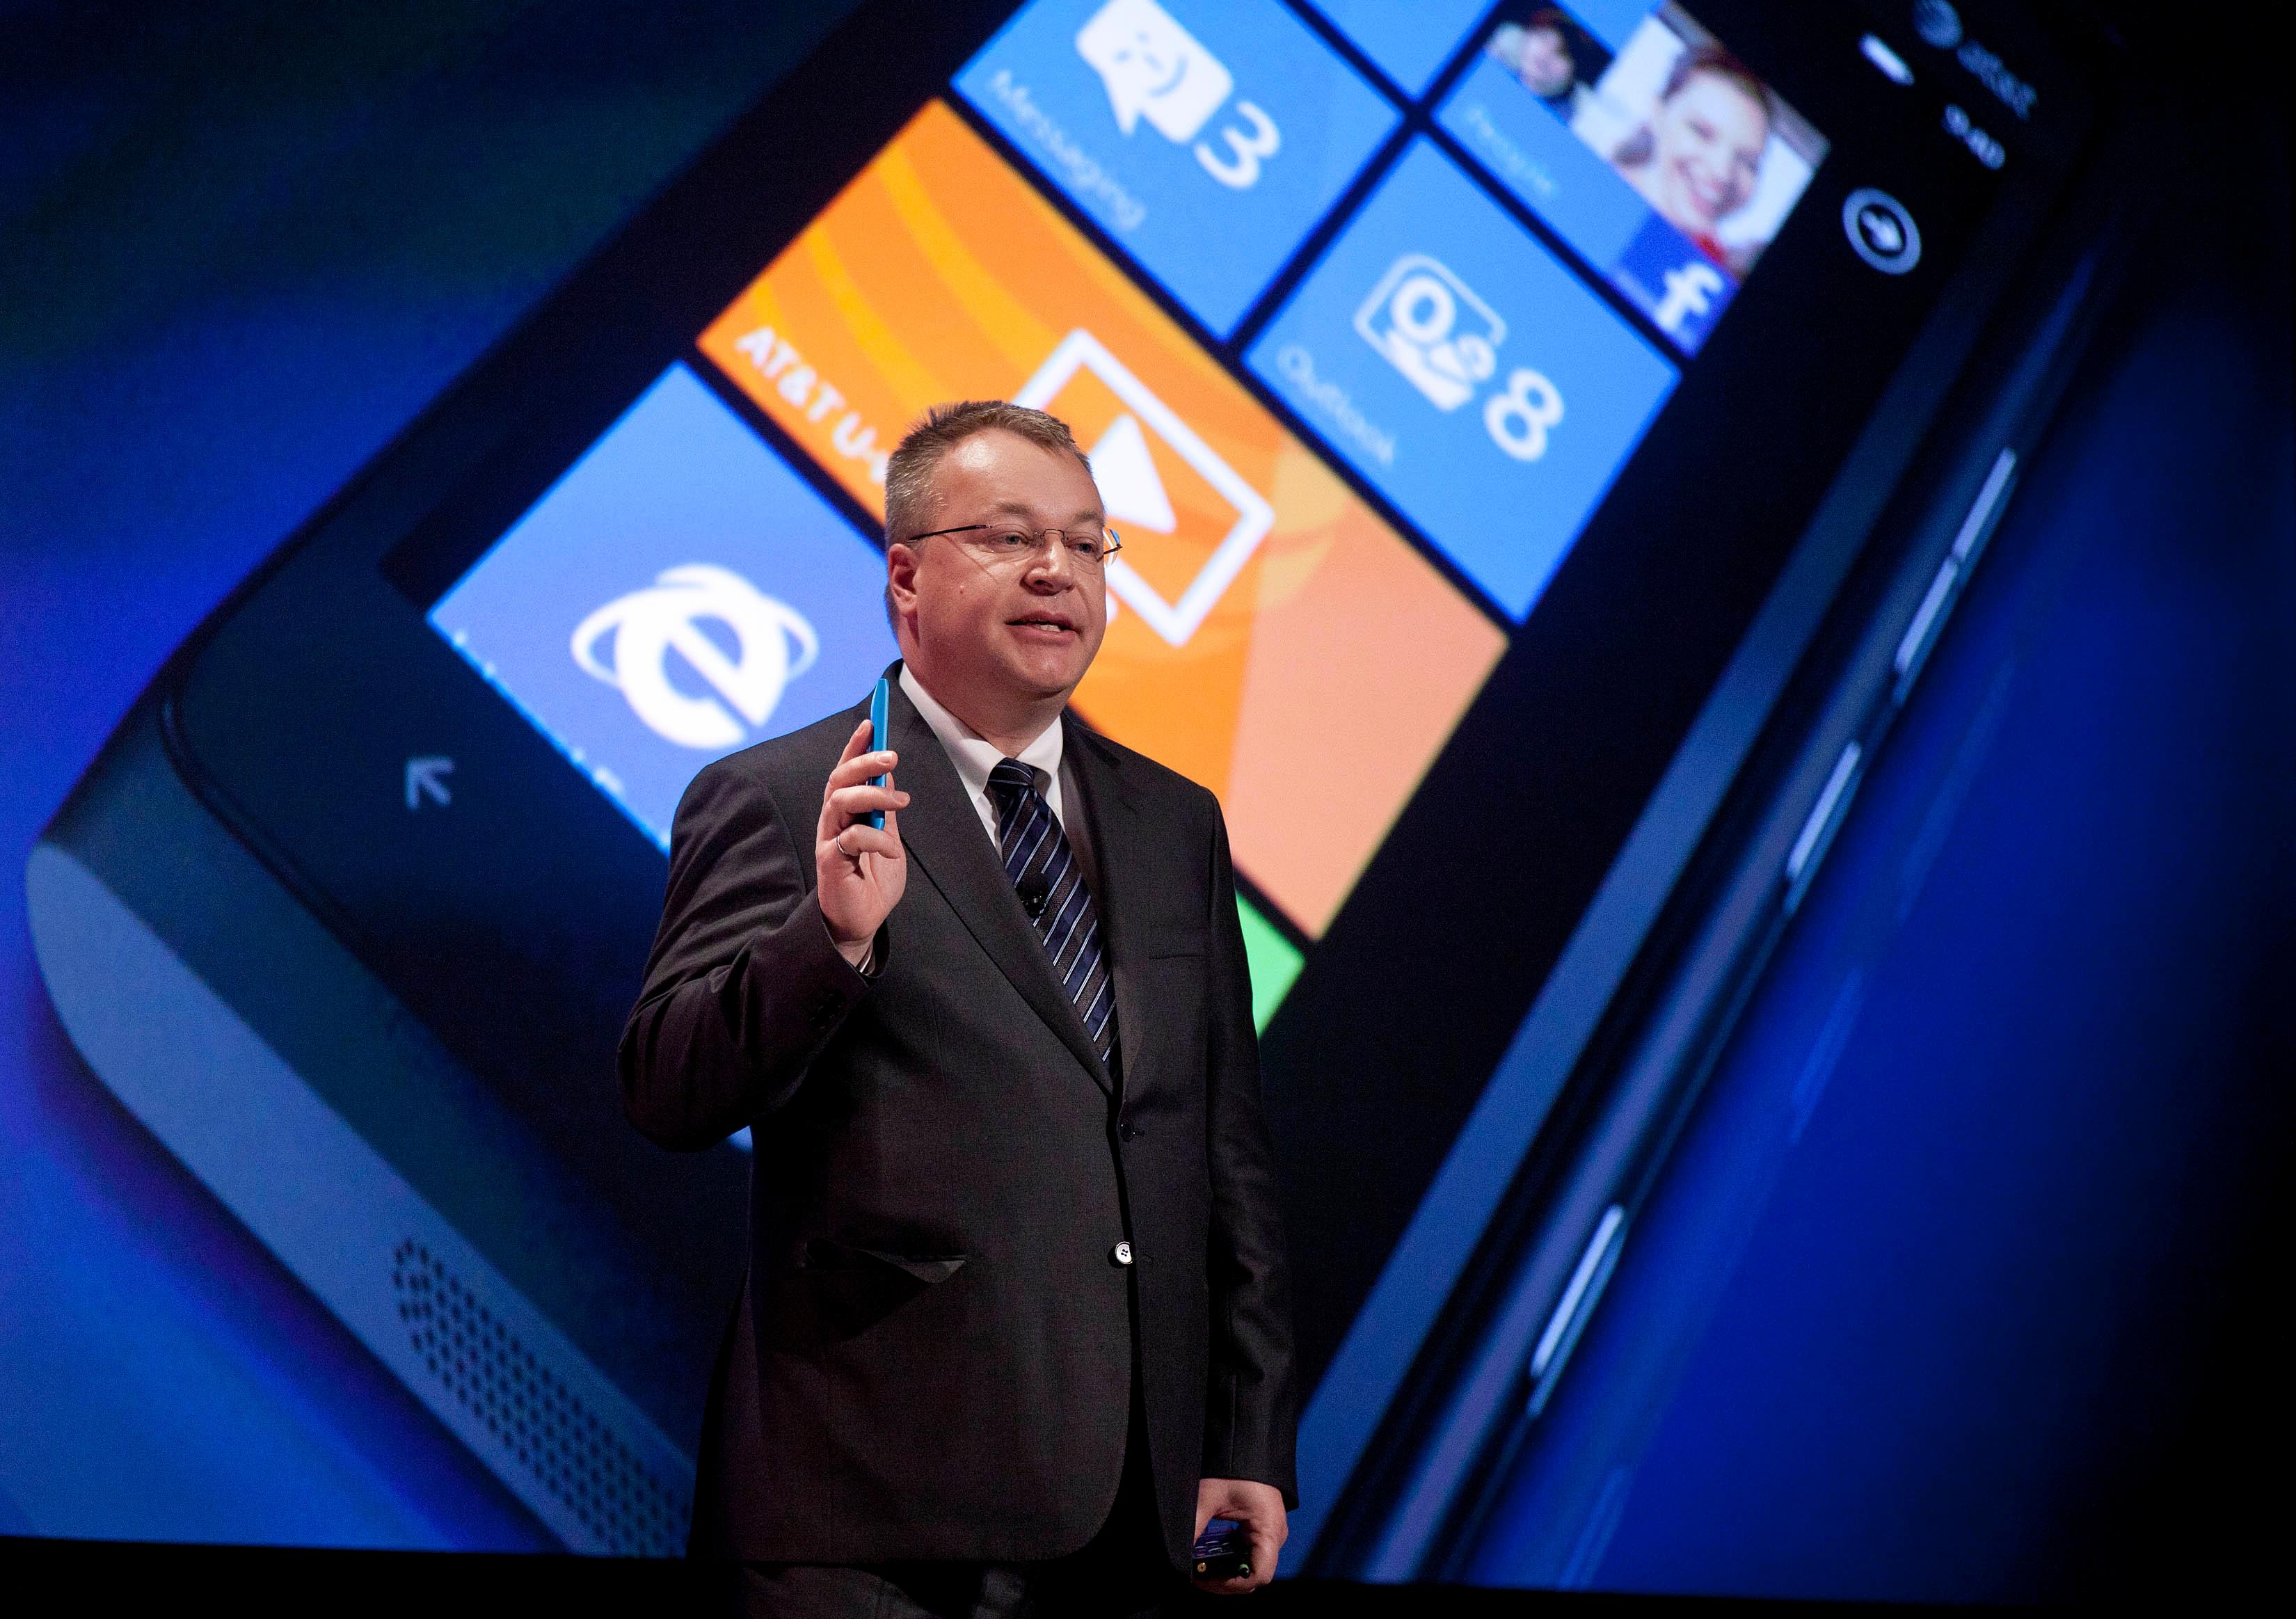 Microsoft et Nokia dévoilent le Lumia 900